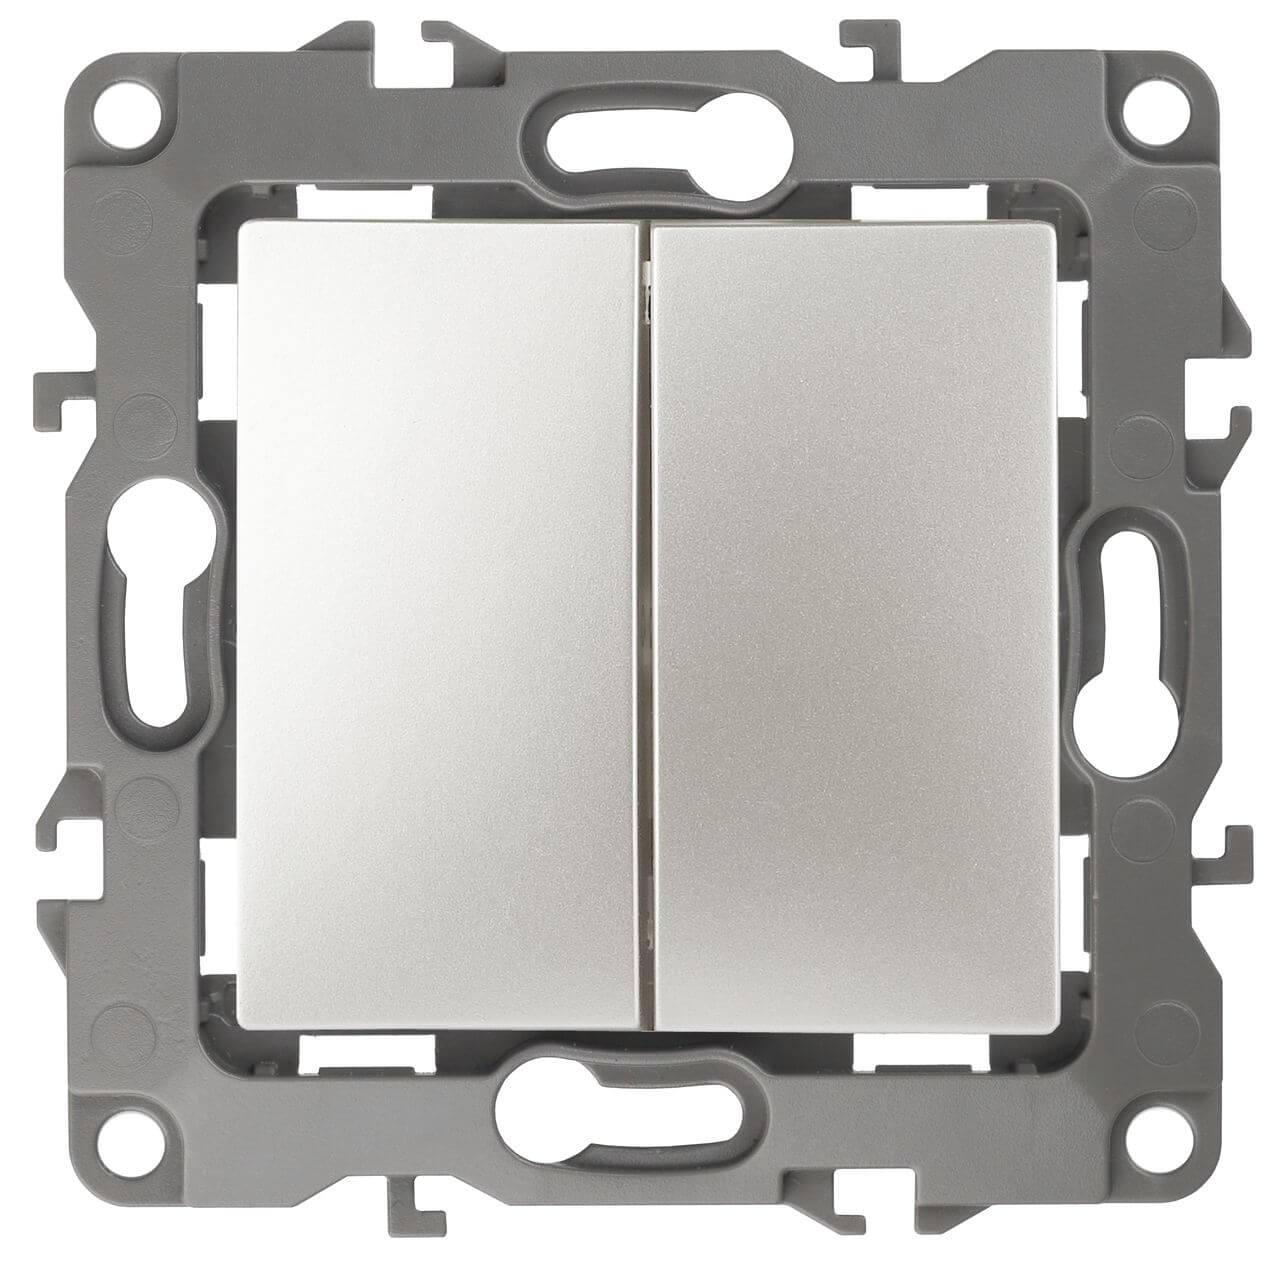 Выключатель двухклавишный ЭРА 12 10AX 250V 12-1004-15 грабли бцм 1004 12 ч